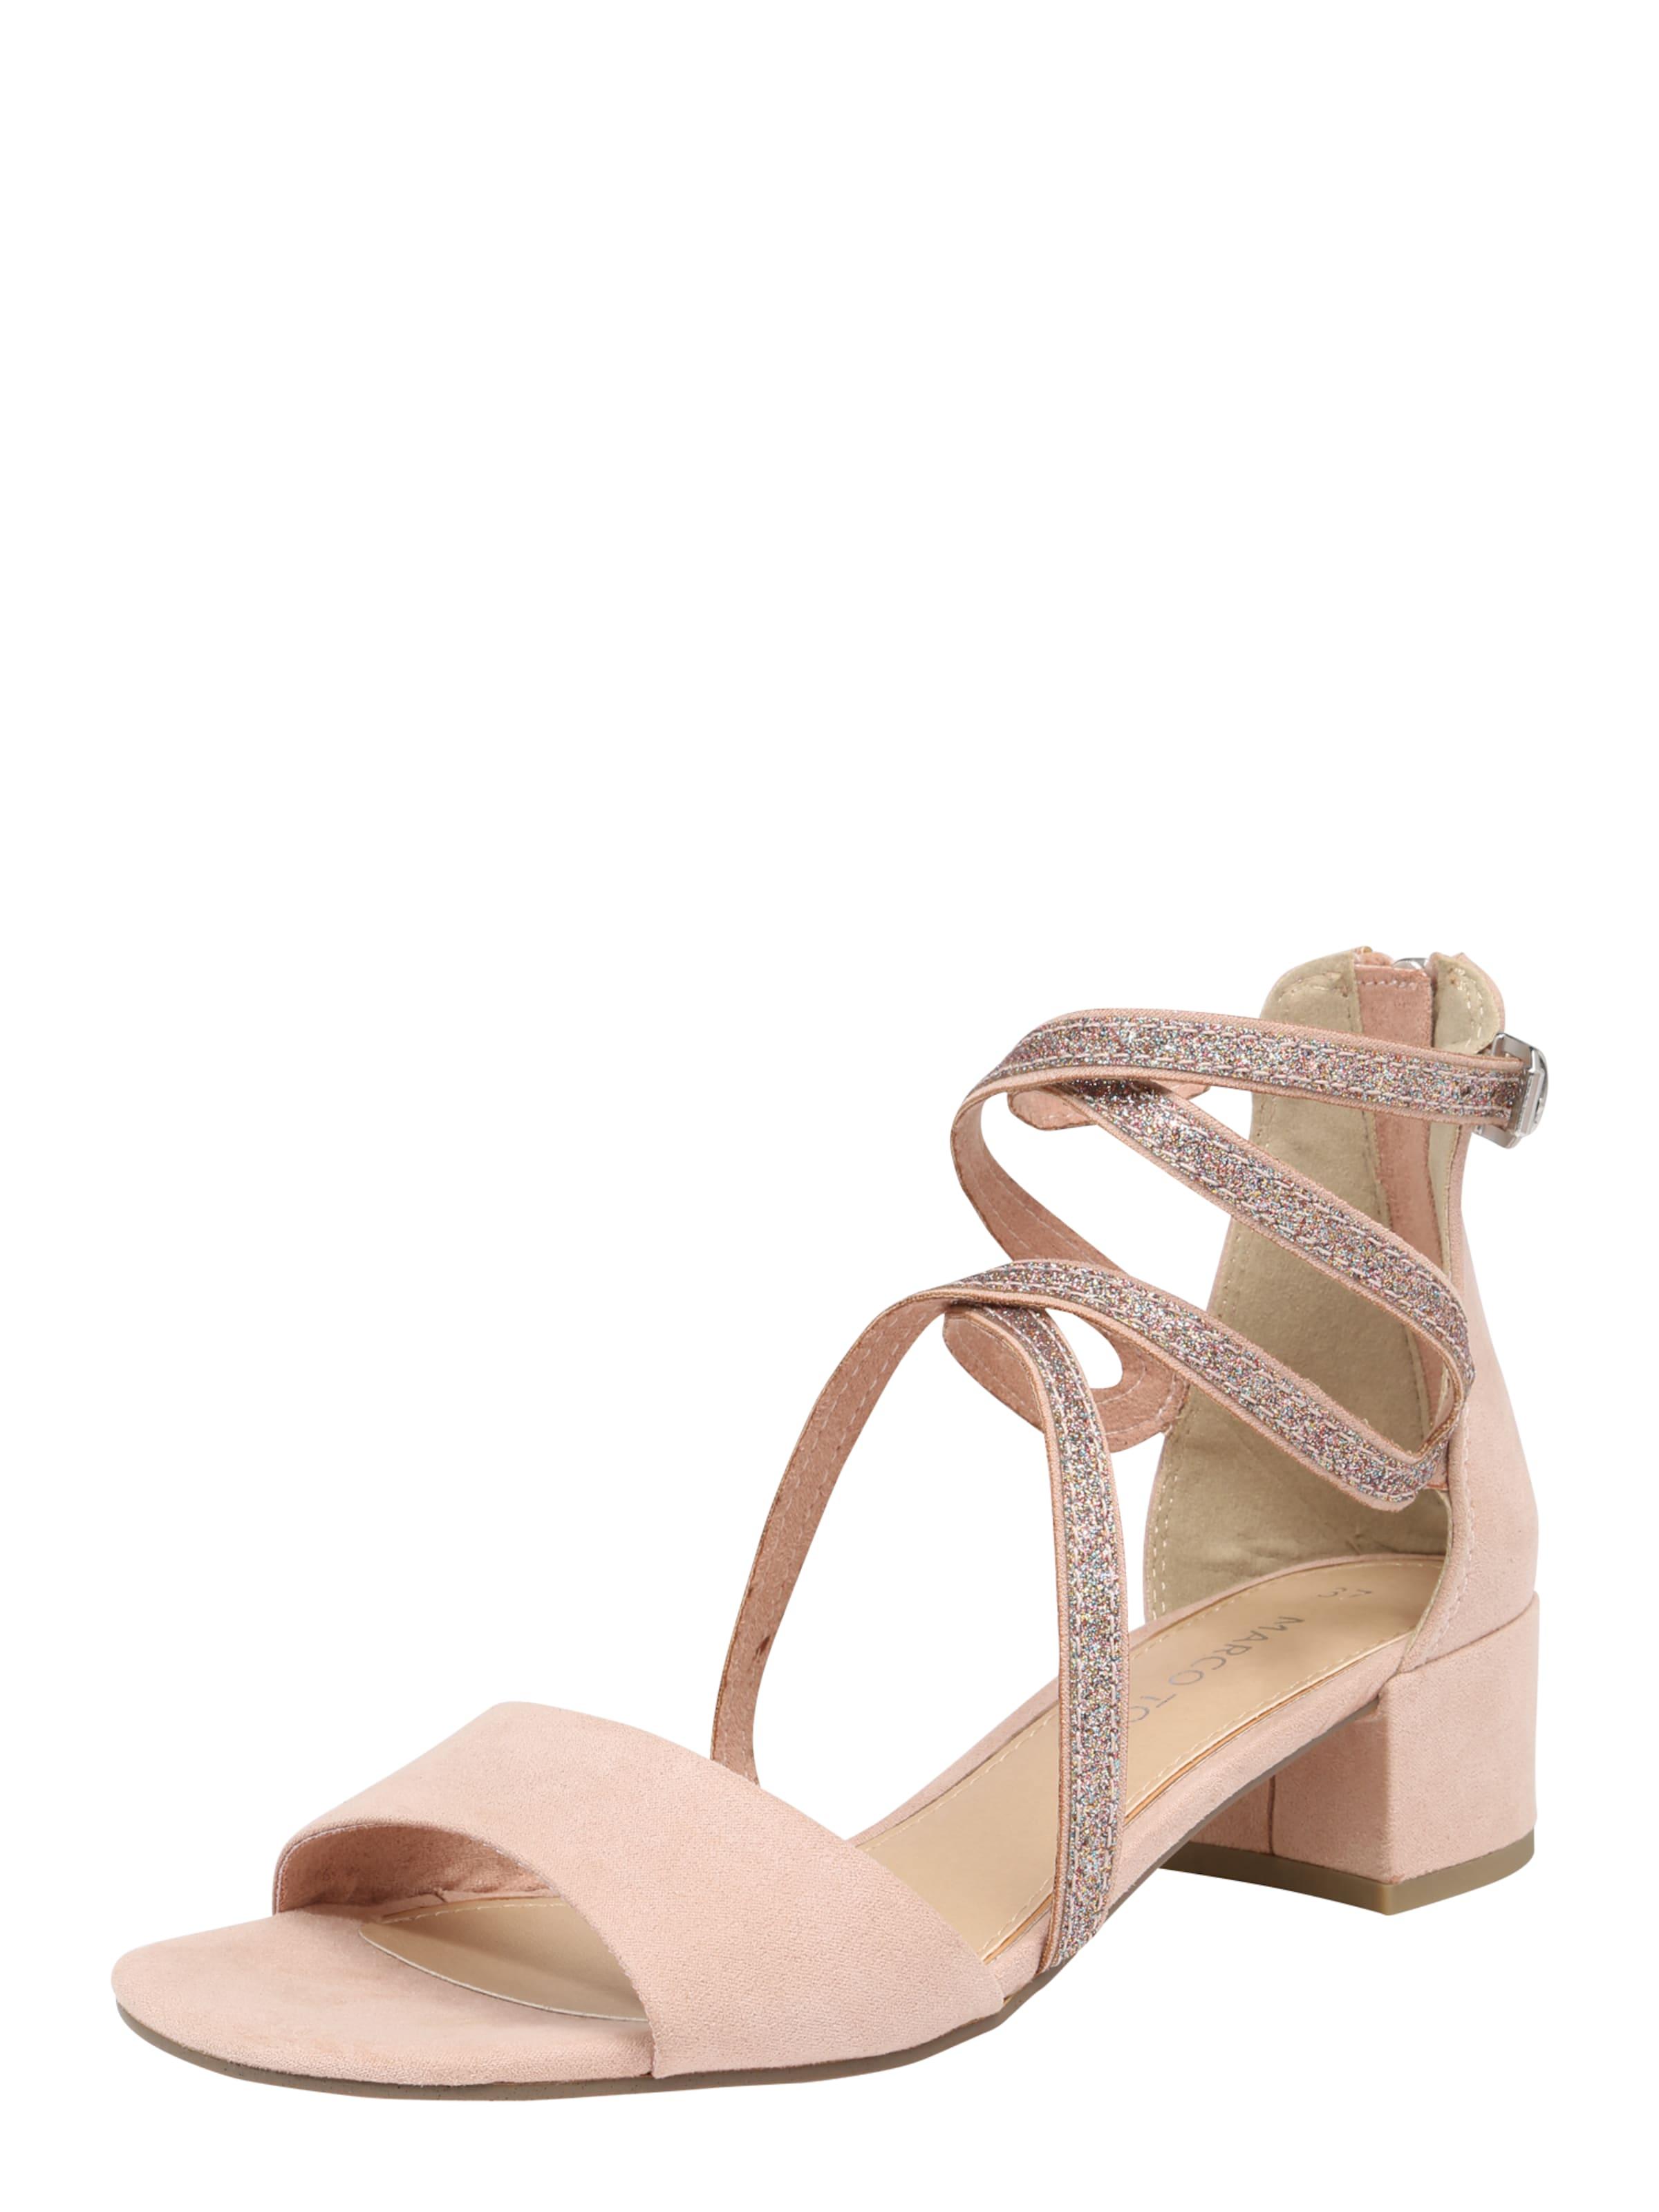 MARCO TOZZI Schnürsandalette Verschleißfeste billige Schuhe